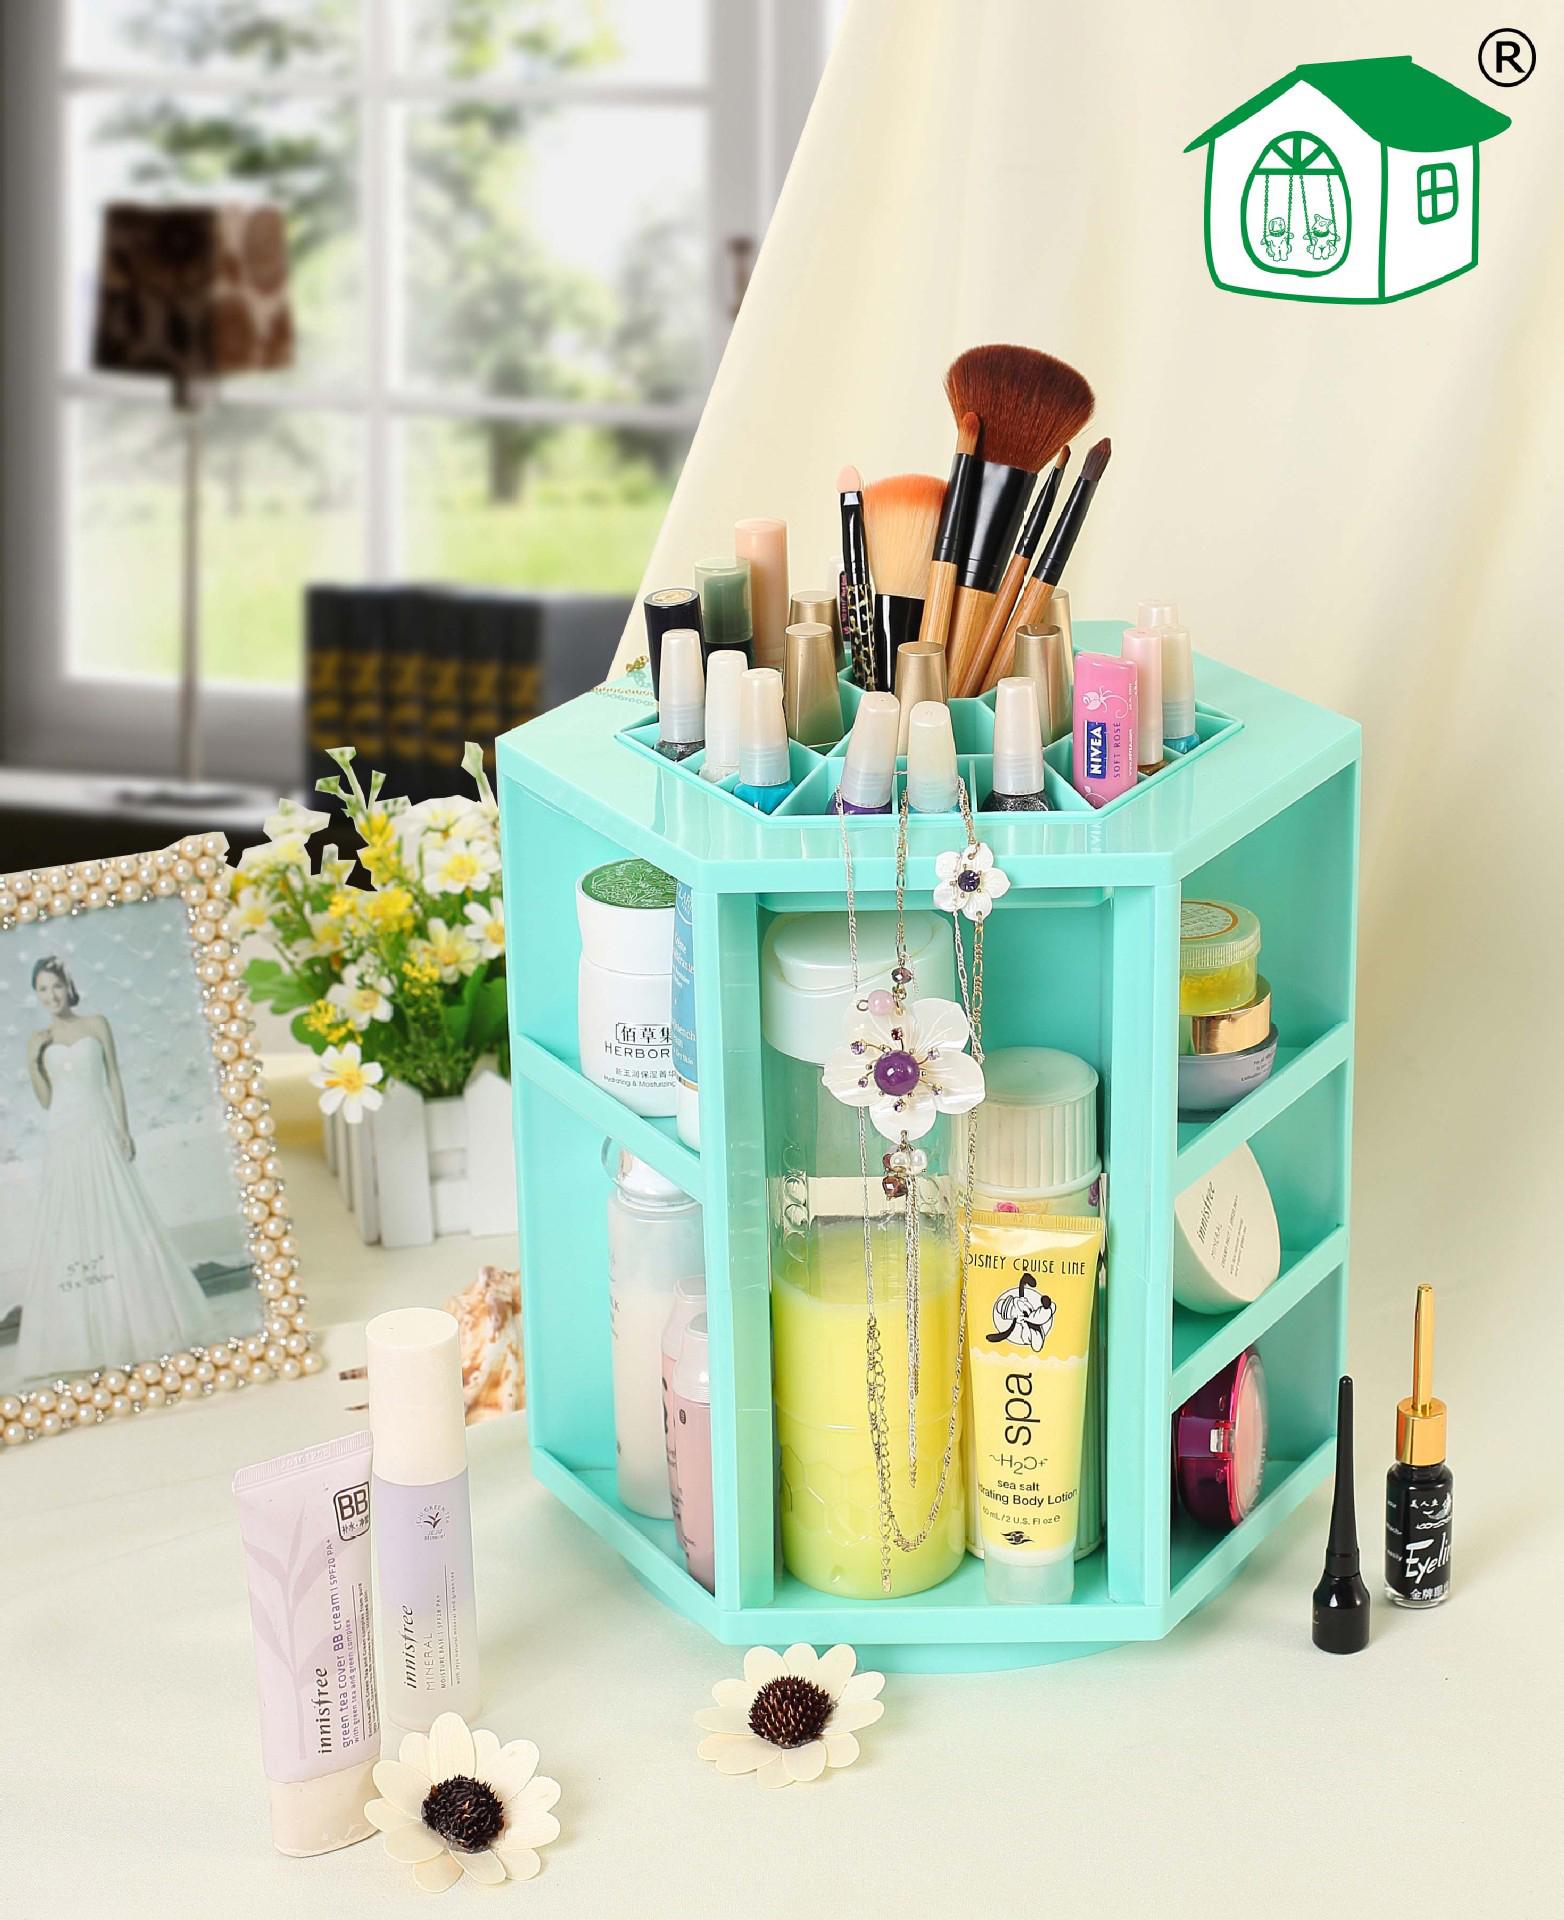 Hộp đựng đồ trang điểm Cosmetic Tower màu xanh